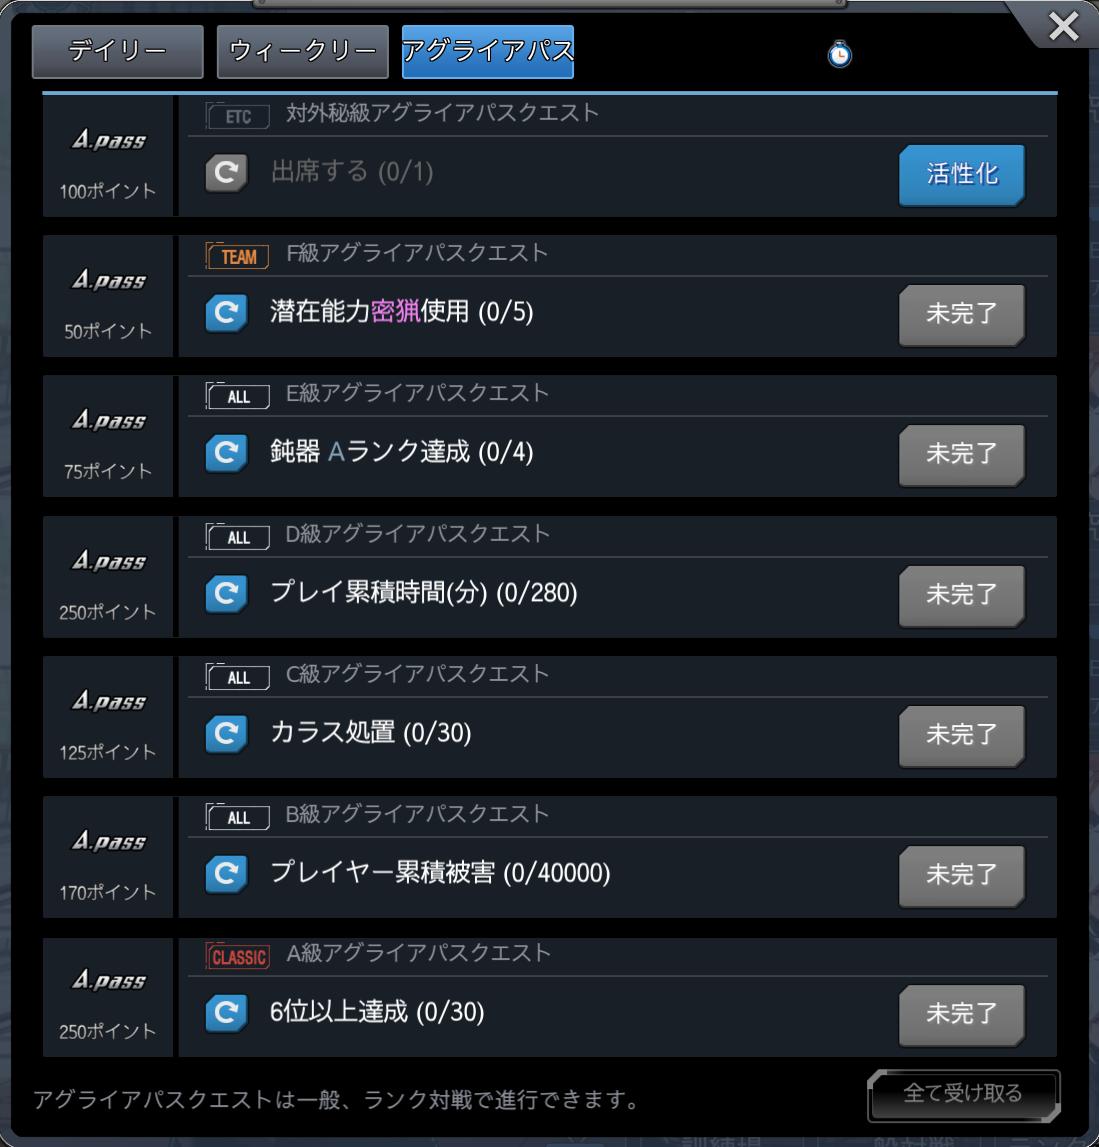 f:id:jpdabupan:20200427194501p:plain